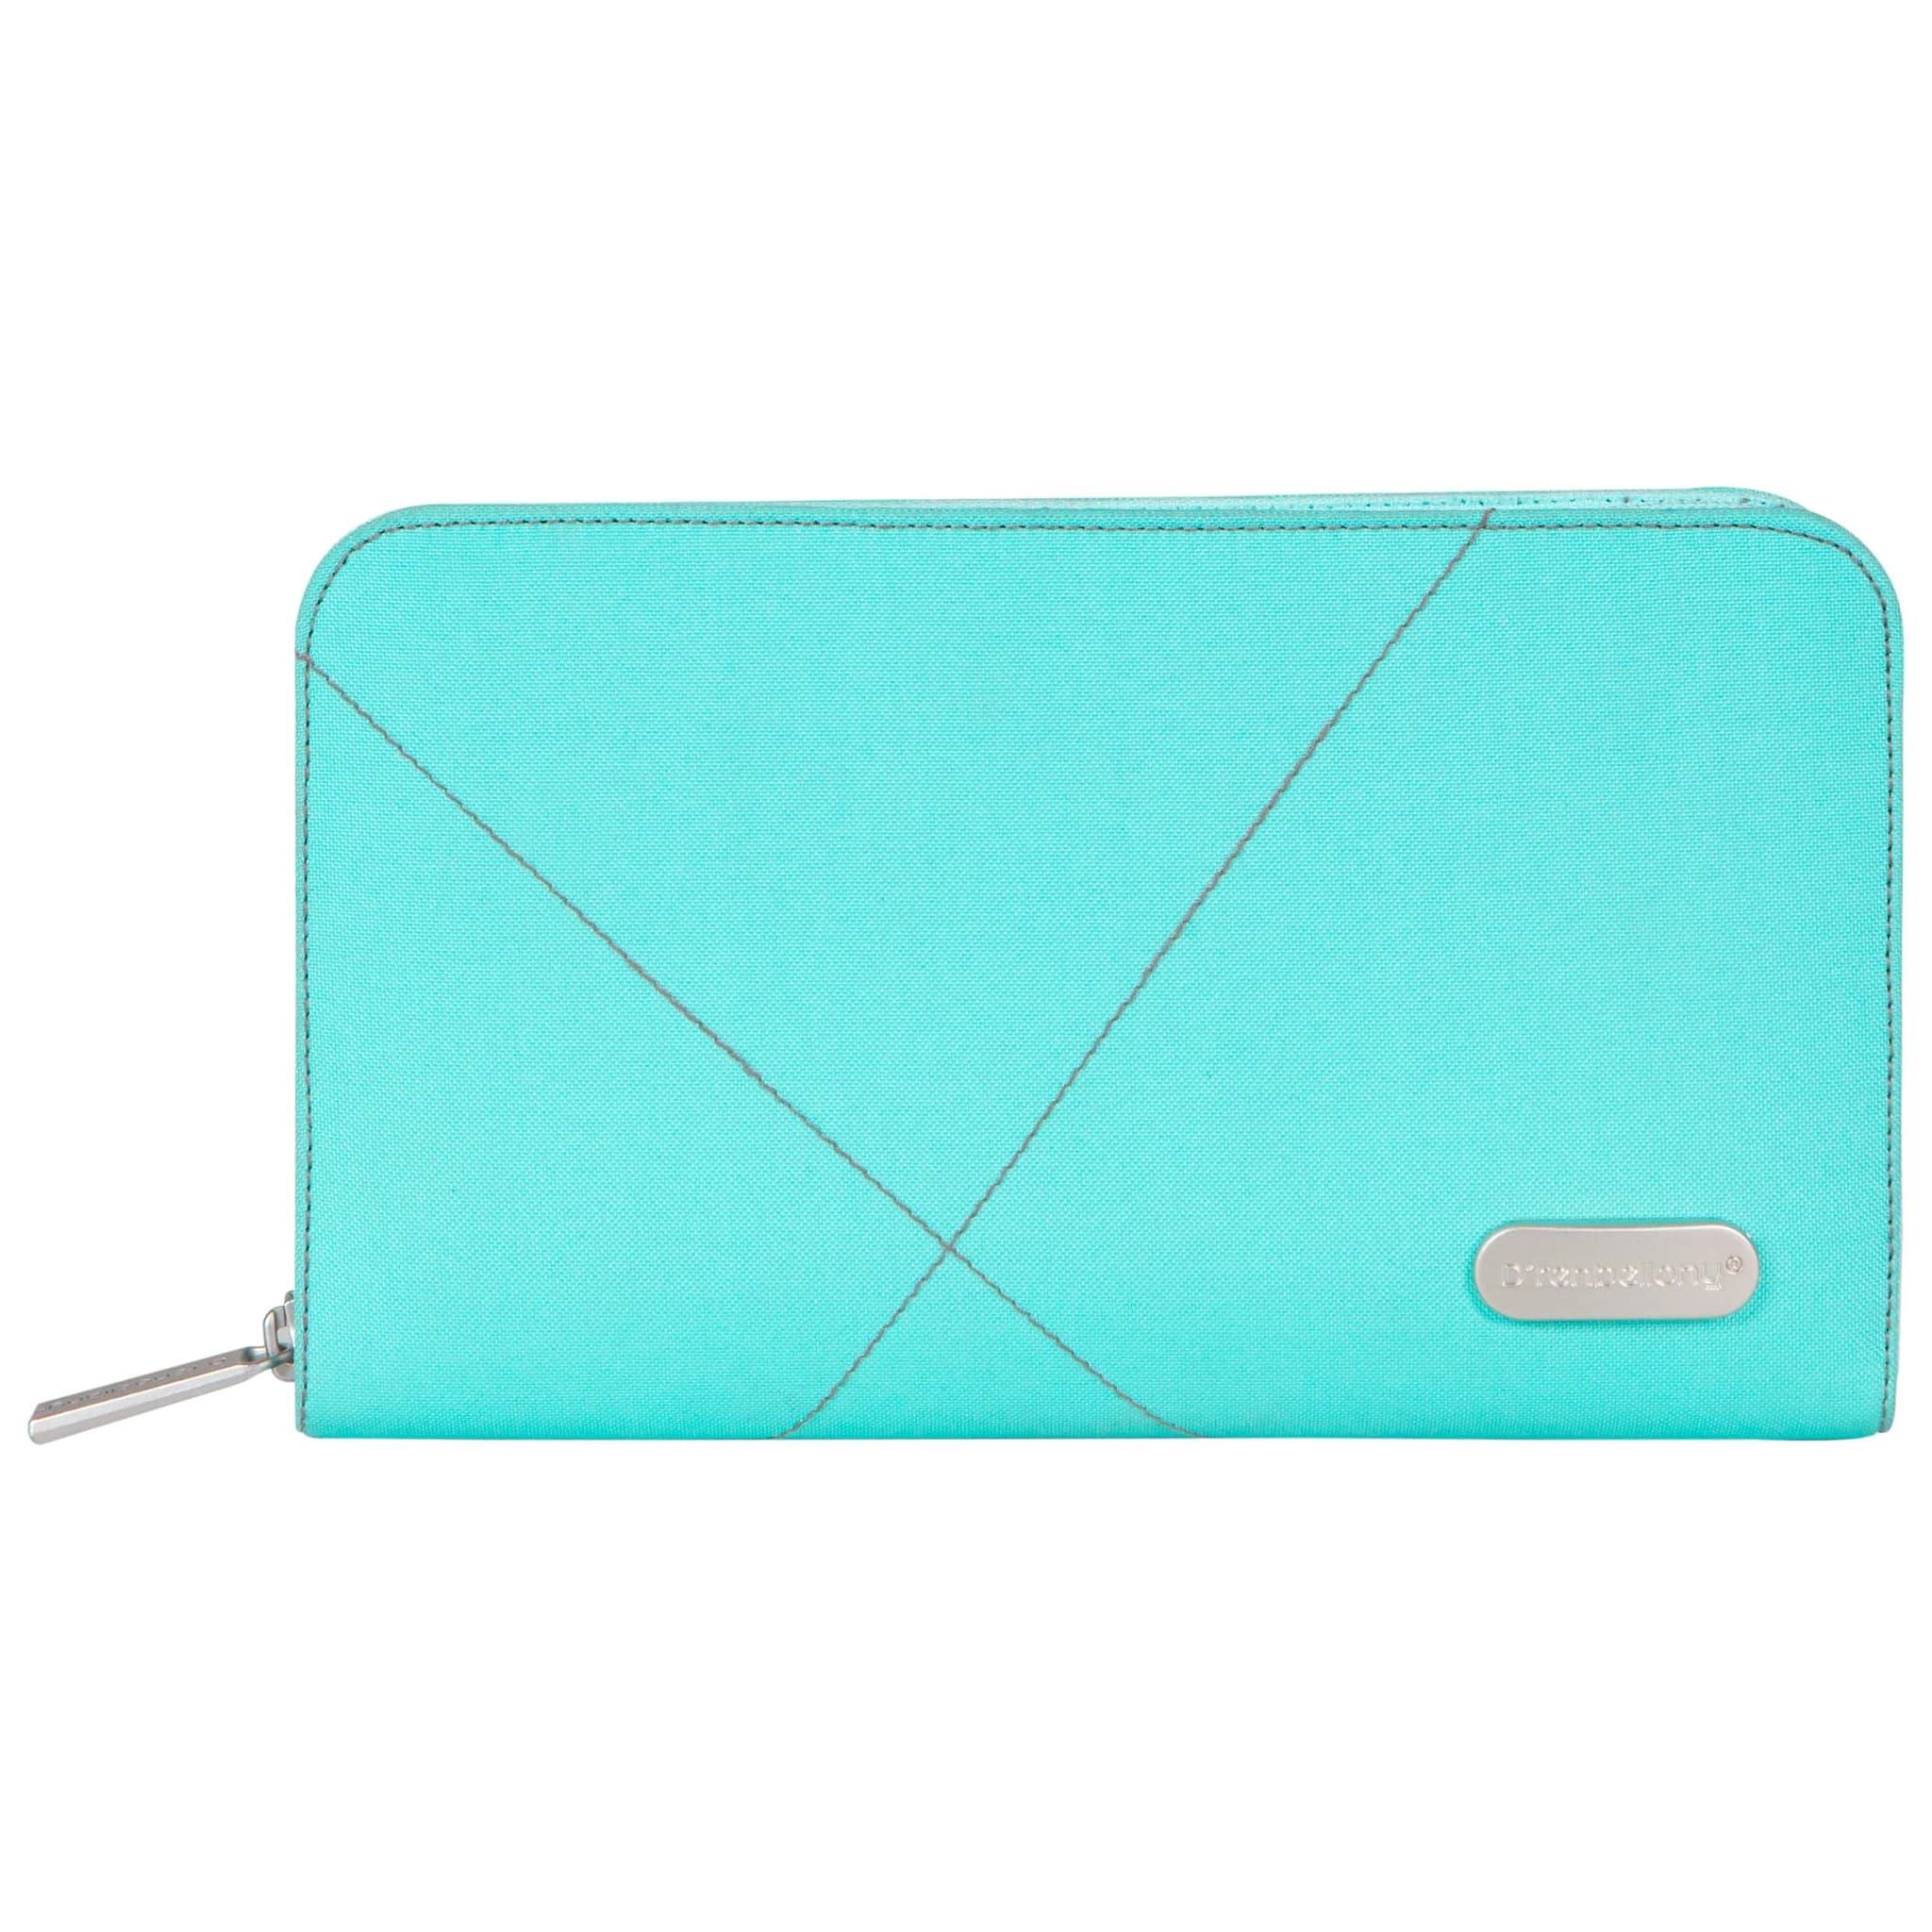 Brighton Wallet D'renbellony (Dompet HPO Cewek Tas Wanita Selempang Dompet Kartu Card Holder Wallet) Green